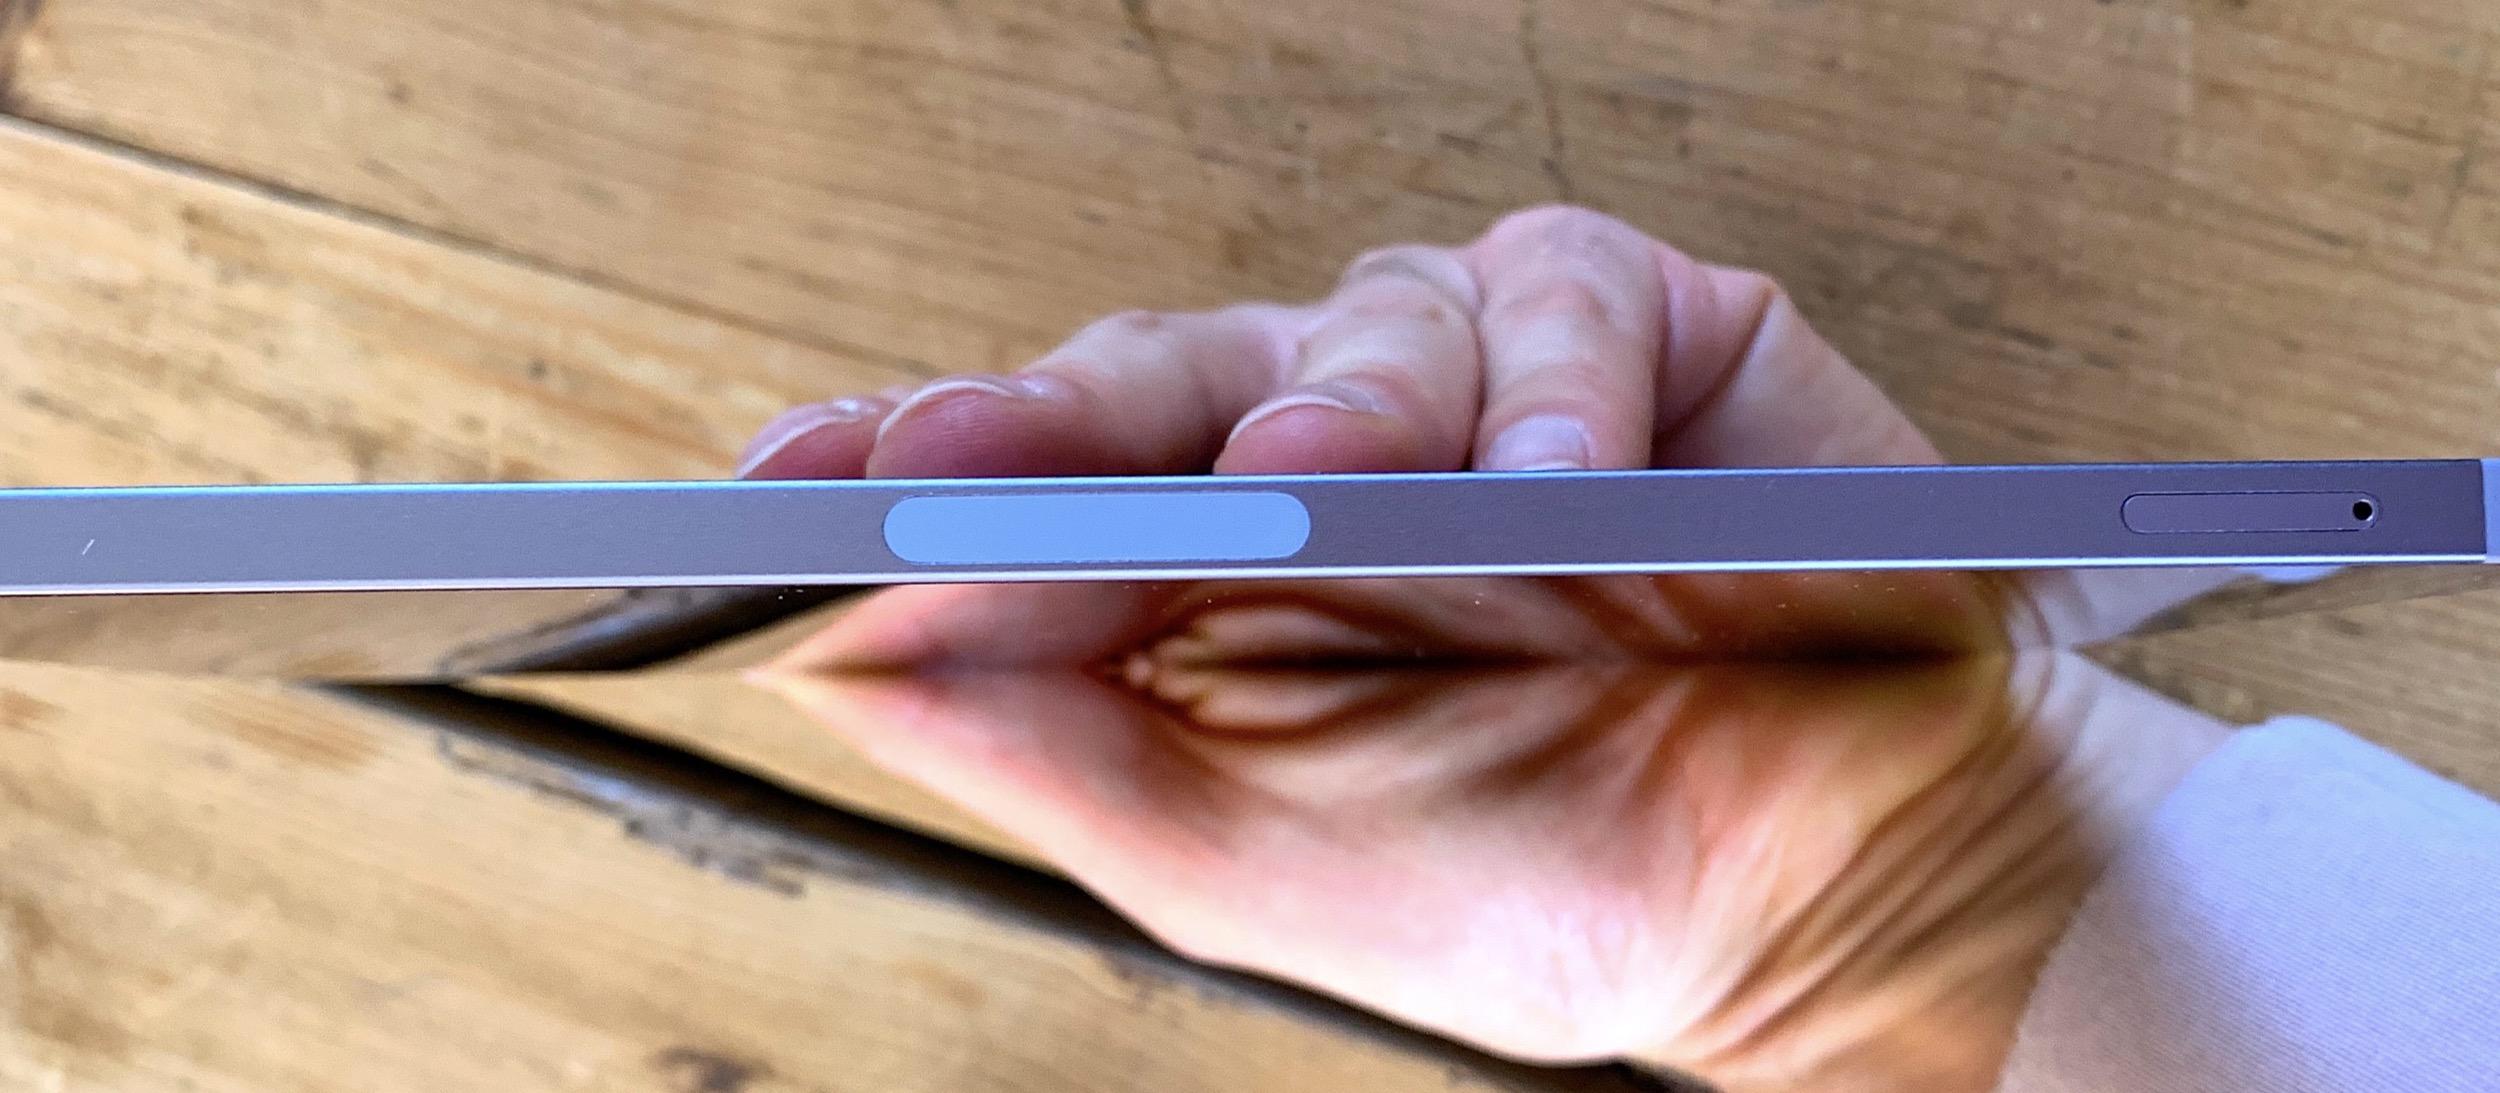 iPad mini 6 tranche aimant Pencil